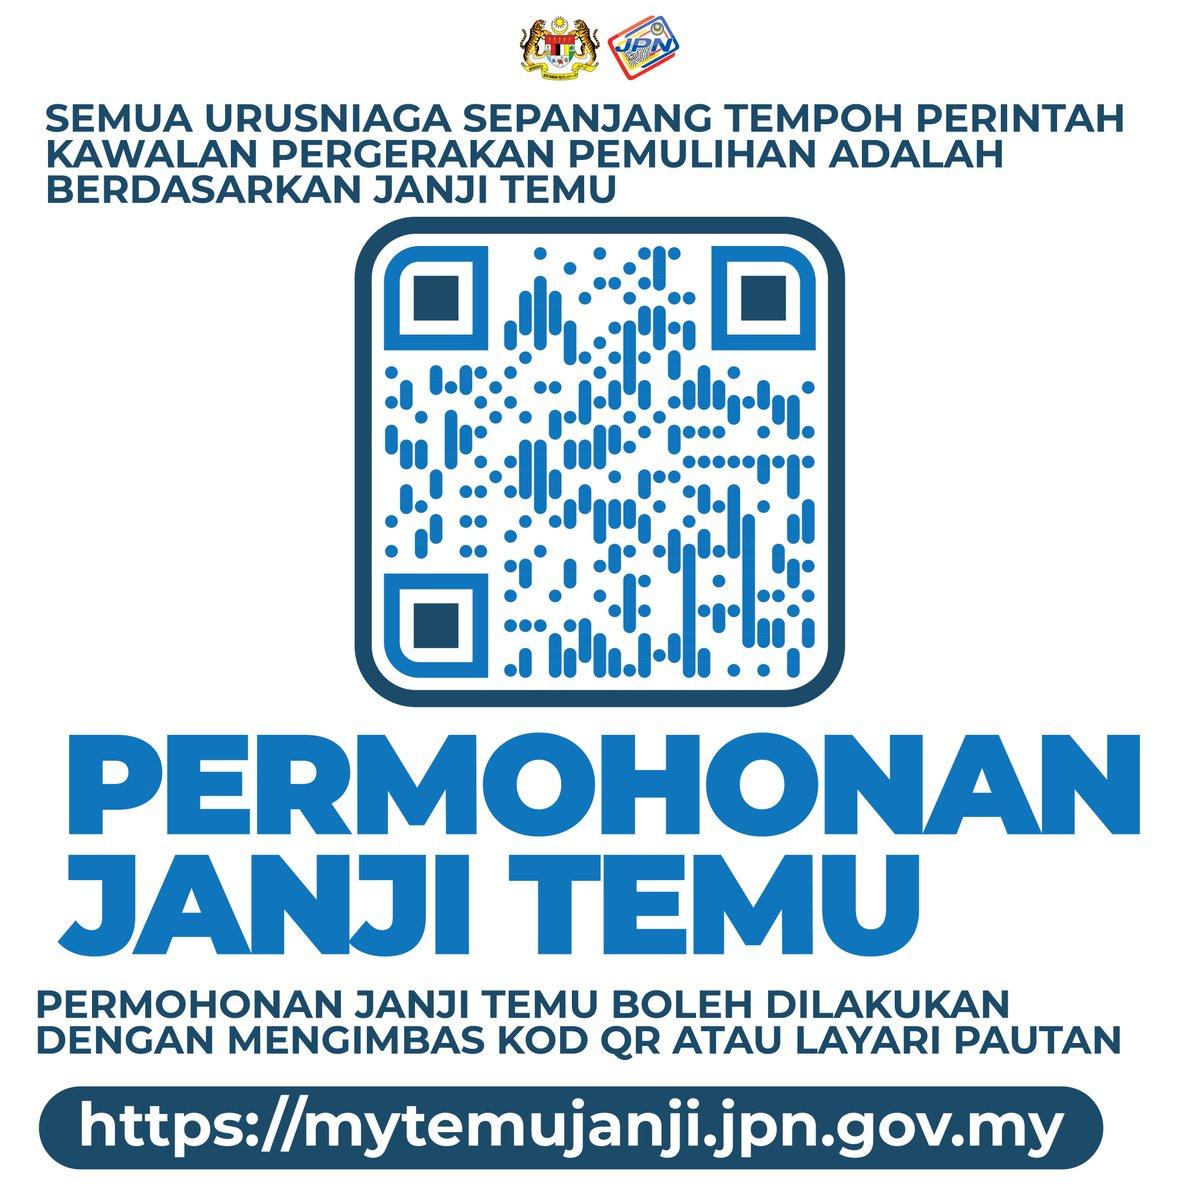 Jpn Malaysia Auf Twitter Permohonan Temujanji Boleh Dibuat Di Https T Co Ztkp48r6fj Bagi Urusan Di Semua Pejabat Jpn Seluruh Malaysia Termasuk Cawangan Utc Https T Co Qxk4xhljny